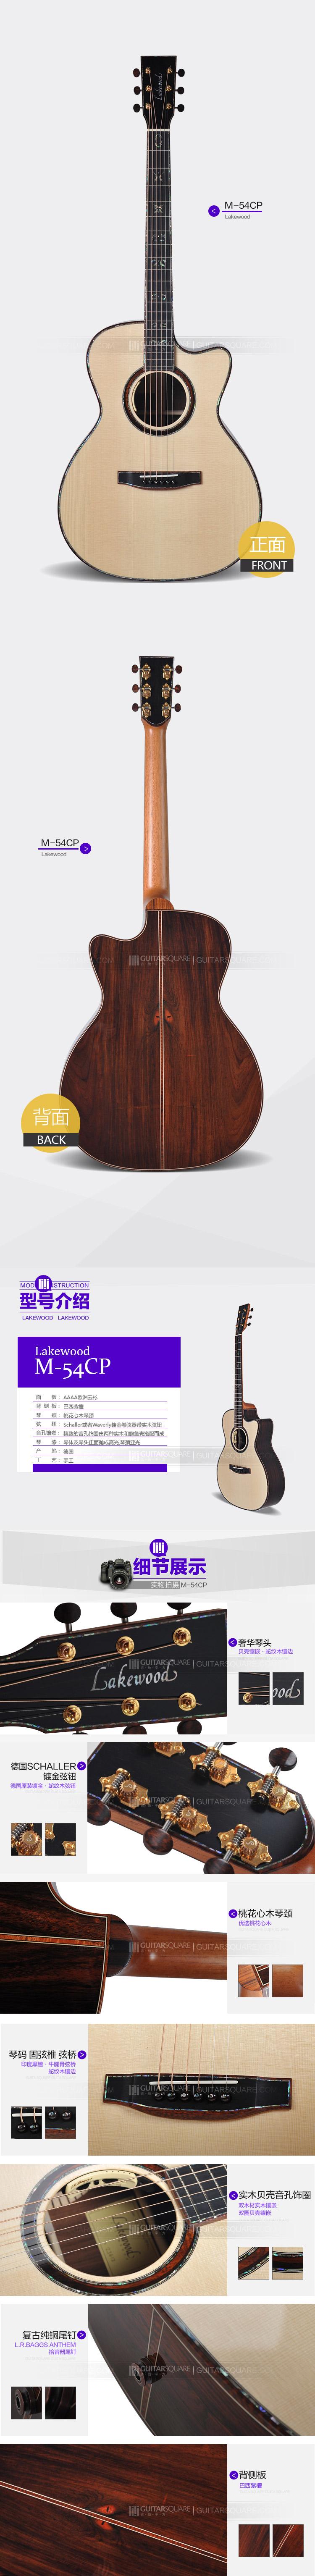 m-54cp.jpg